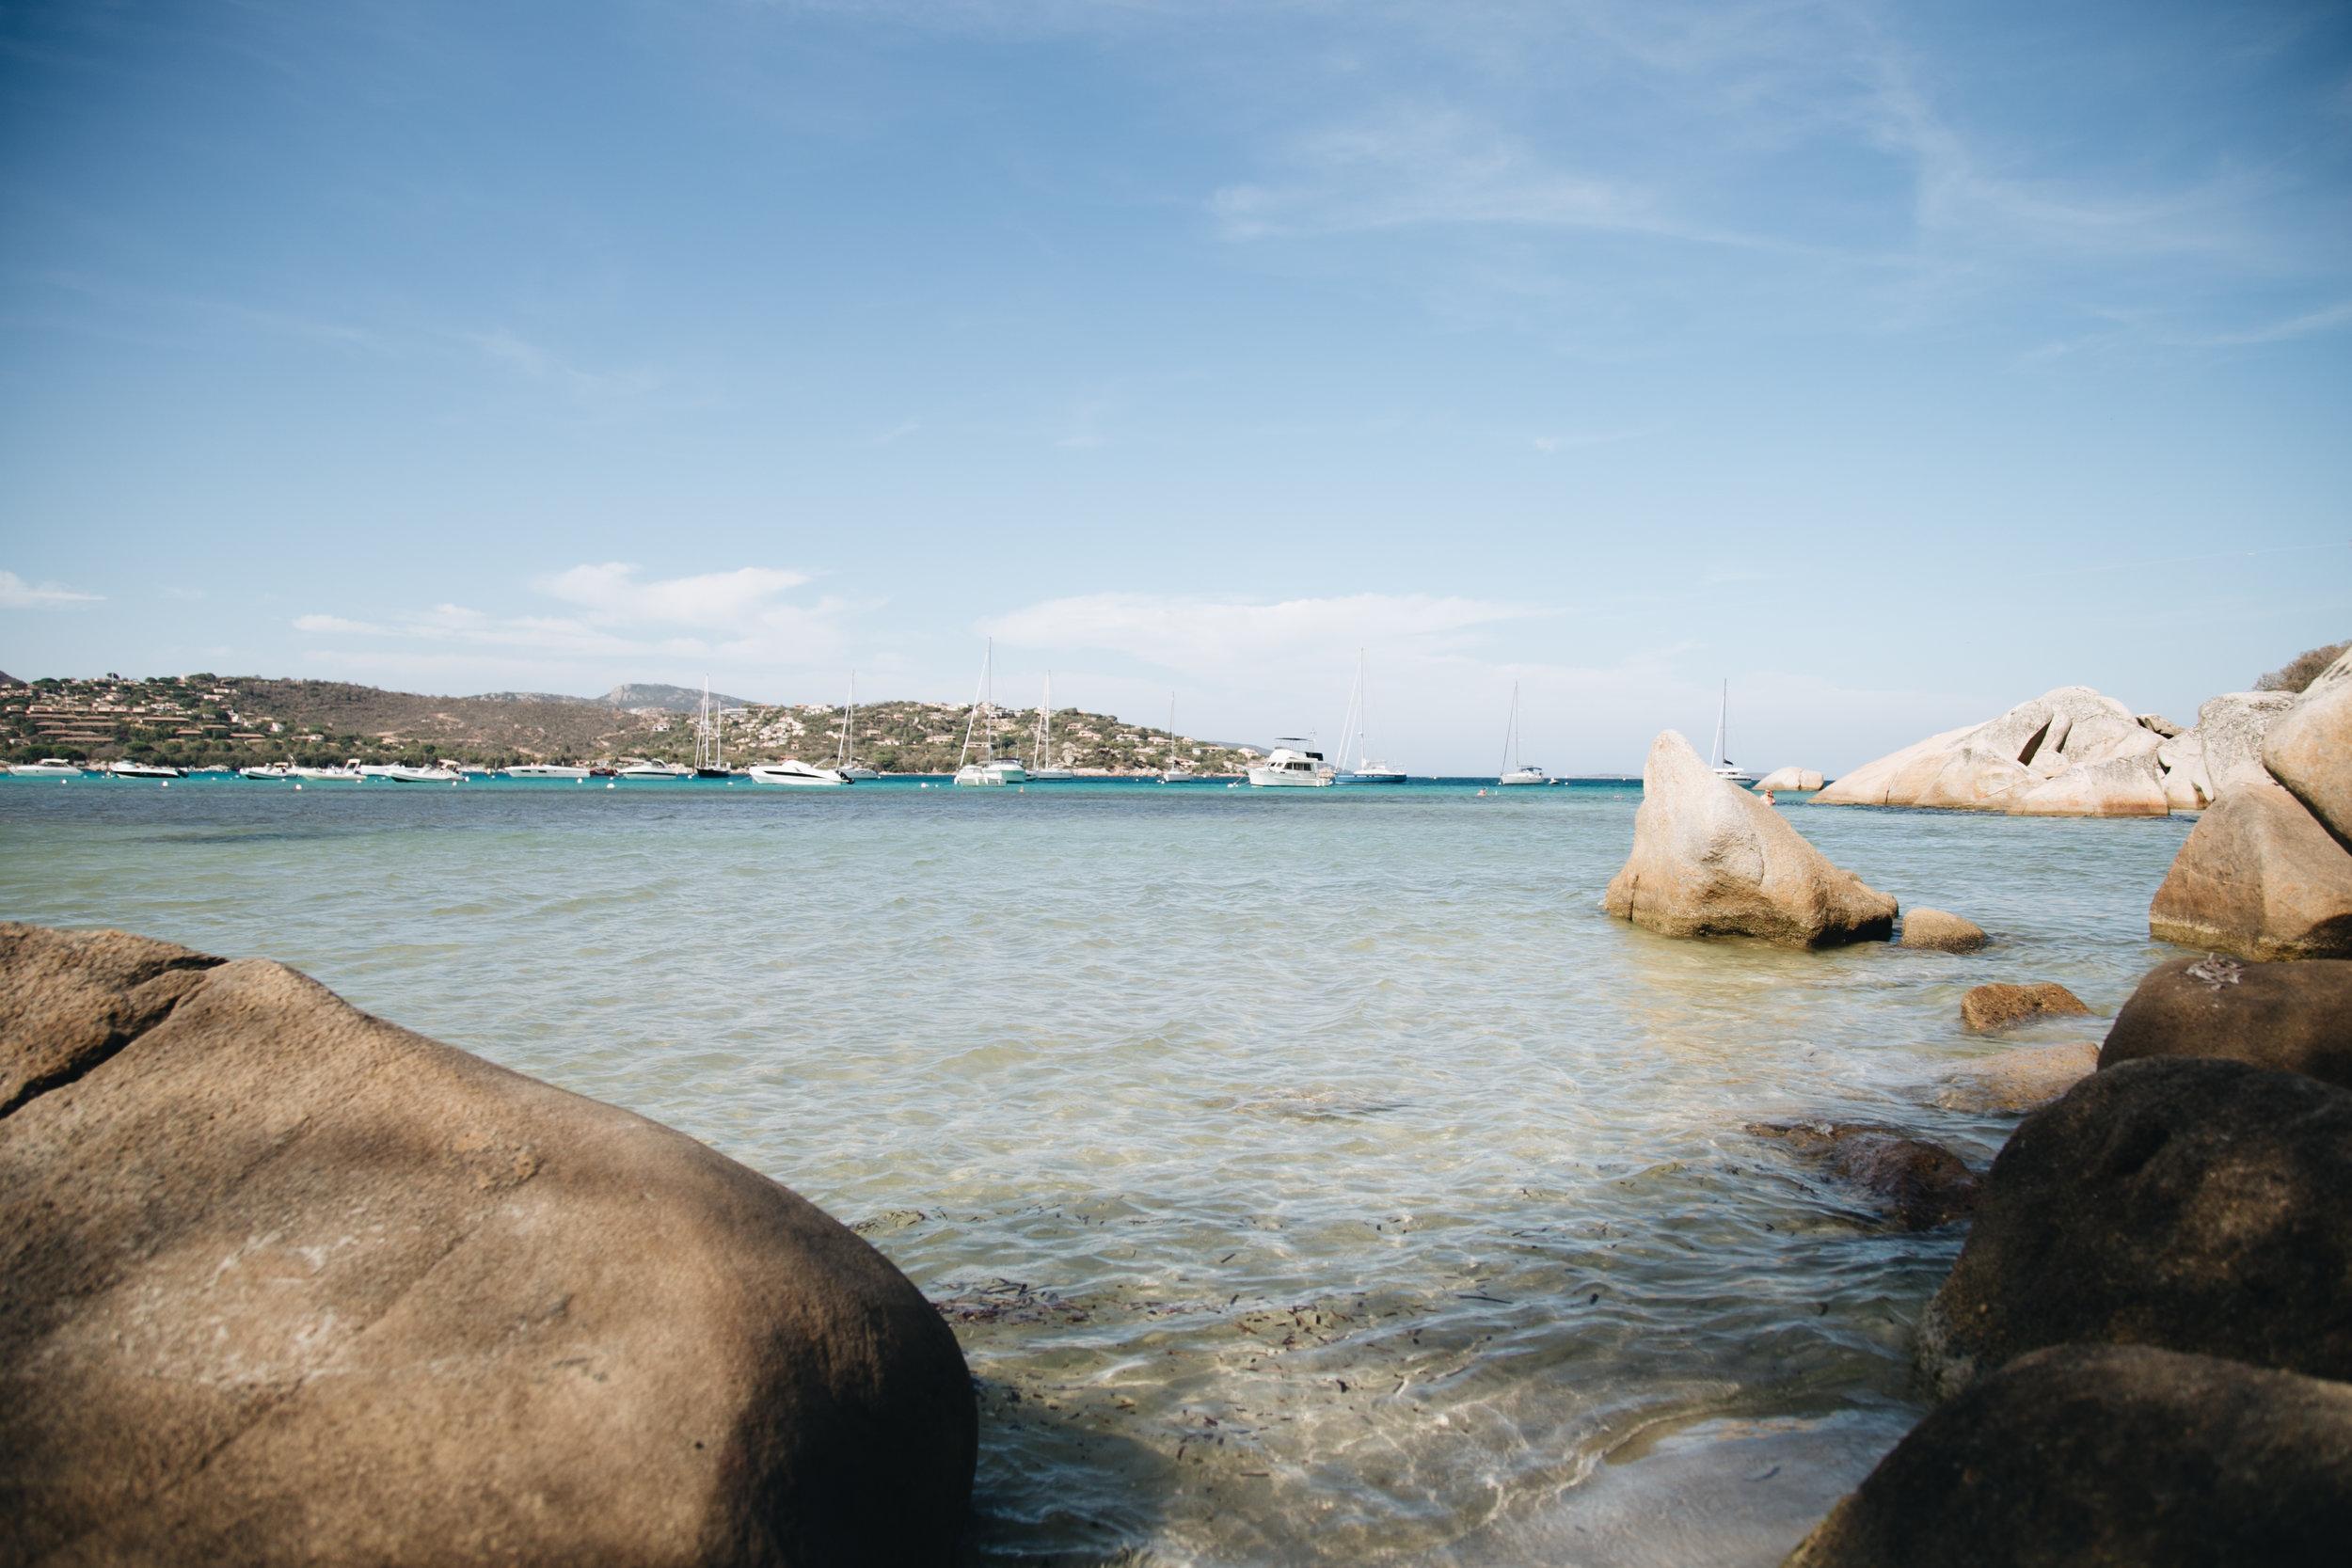 santa-giulia-plage-porto-vecchio-corsica.jpg